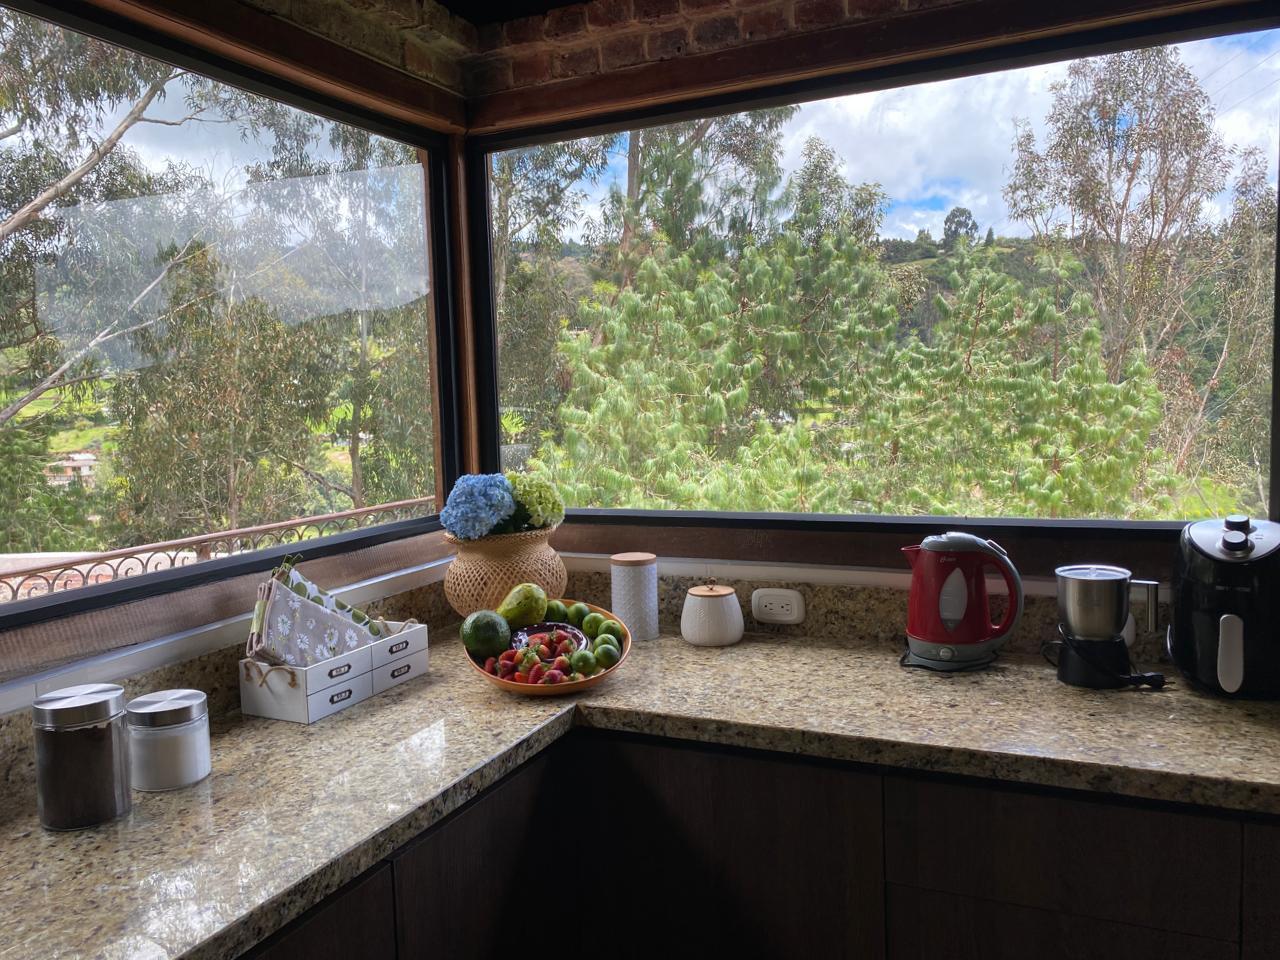 Cocina casa Eucalipto en Yerbabuena